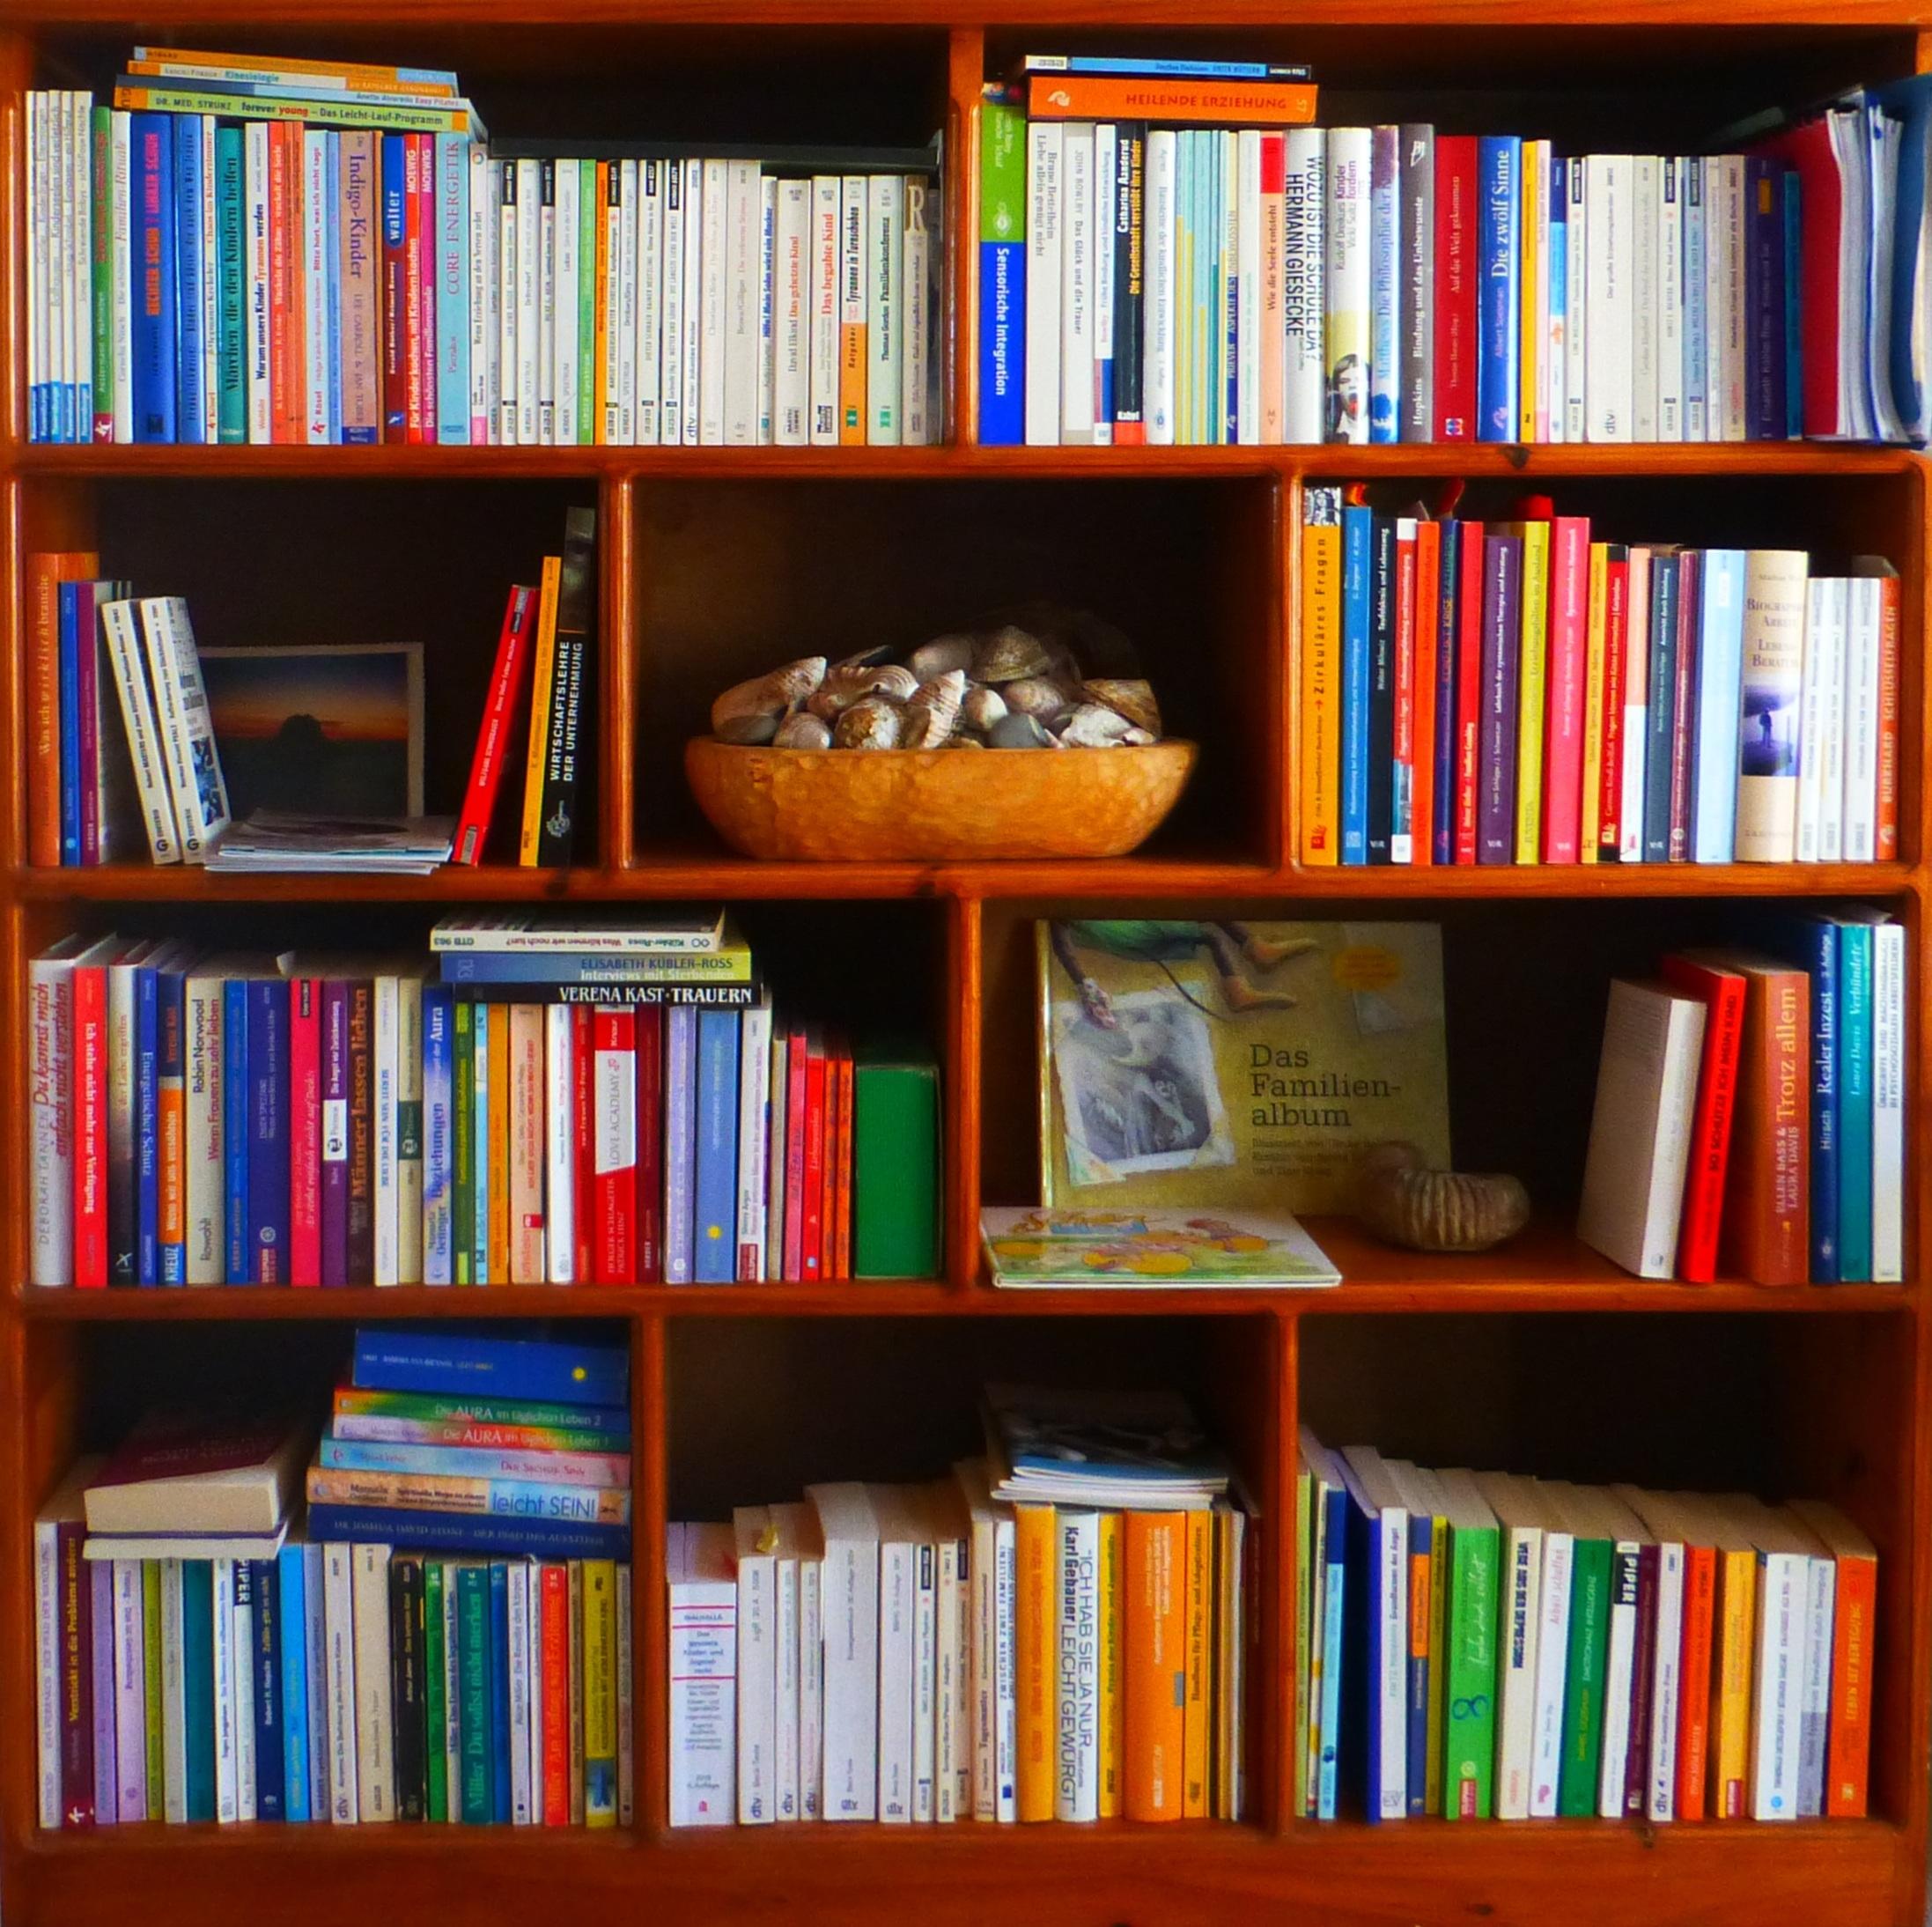 Boekenplank Met Boeken.Gratis Afbeeldingen Boek Lezen Plank Beroep Meubilair Kamer